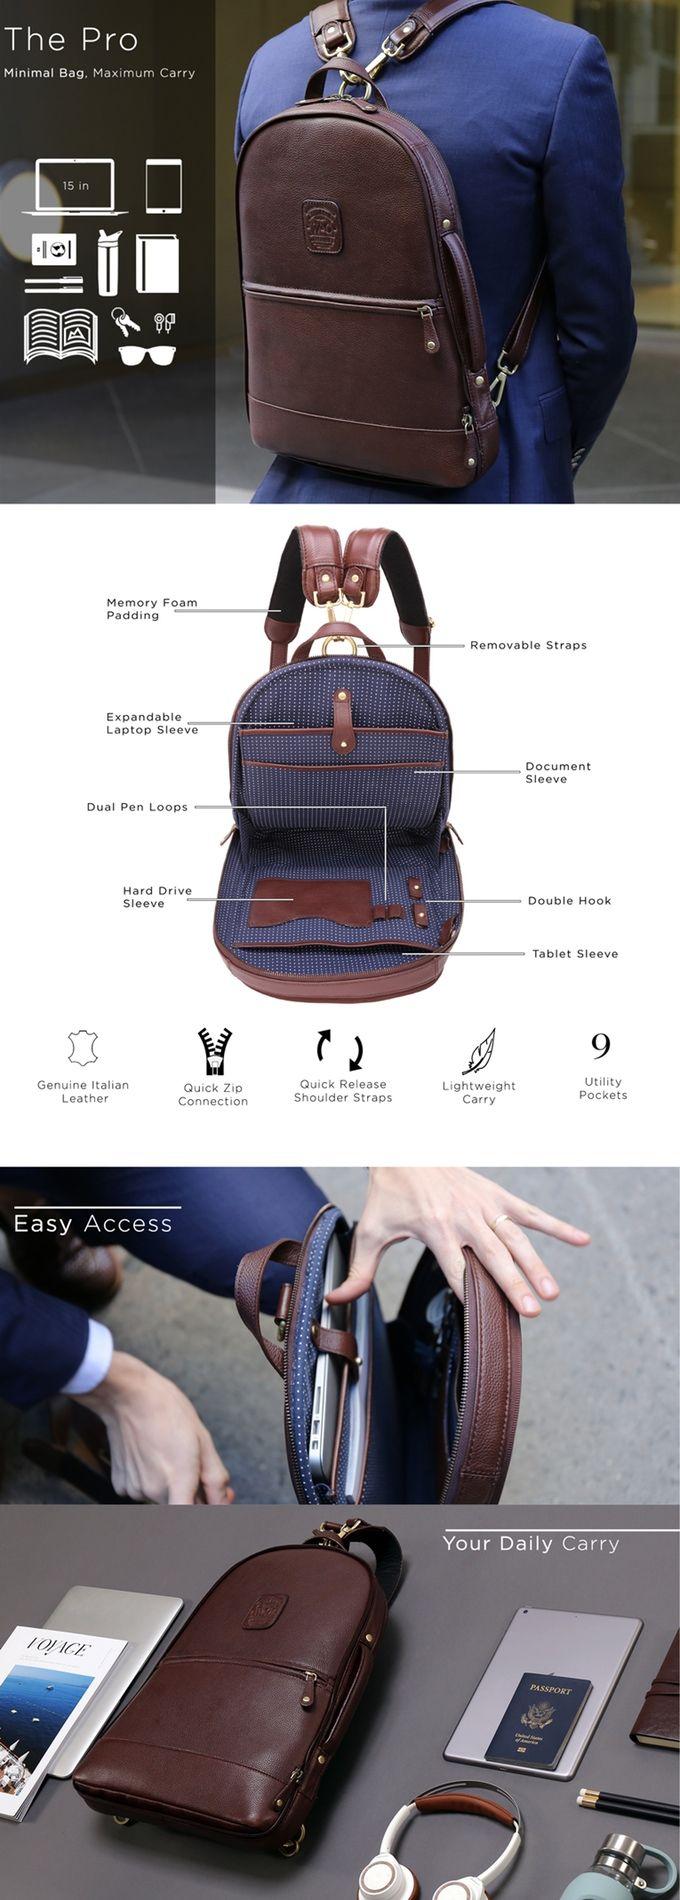 The world's most functional leather backpack! The perfect bag for every lifestyle. | Crowdfunding es una manera democrática de apoyar las necesidades de recaudación de fondos de tu comunidad. Haz una contribución hoy.